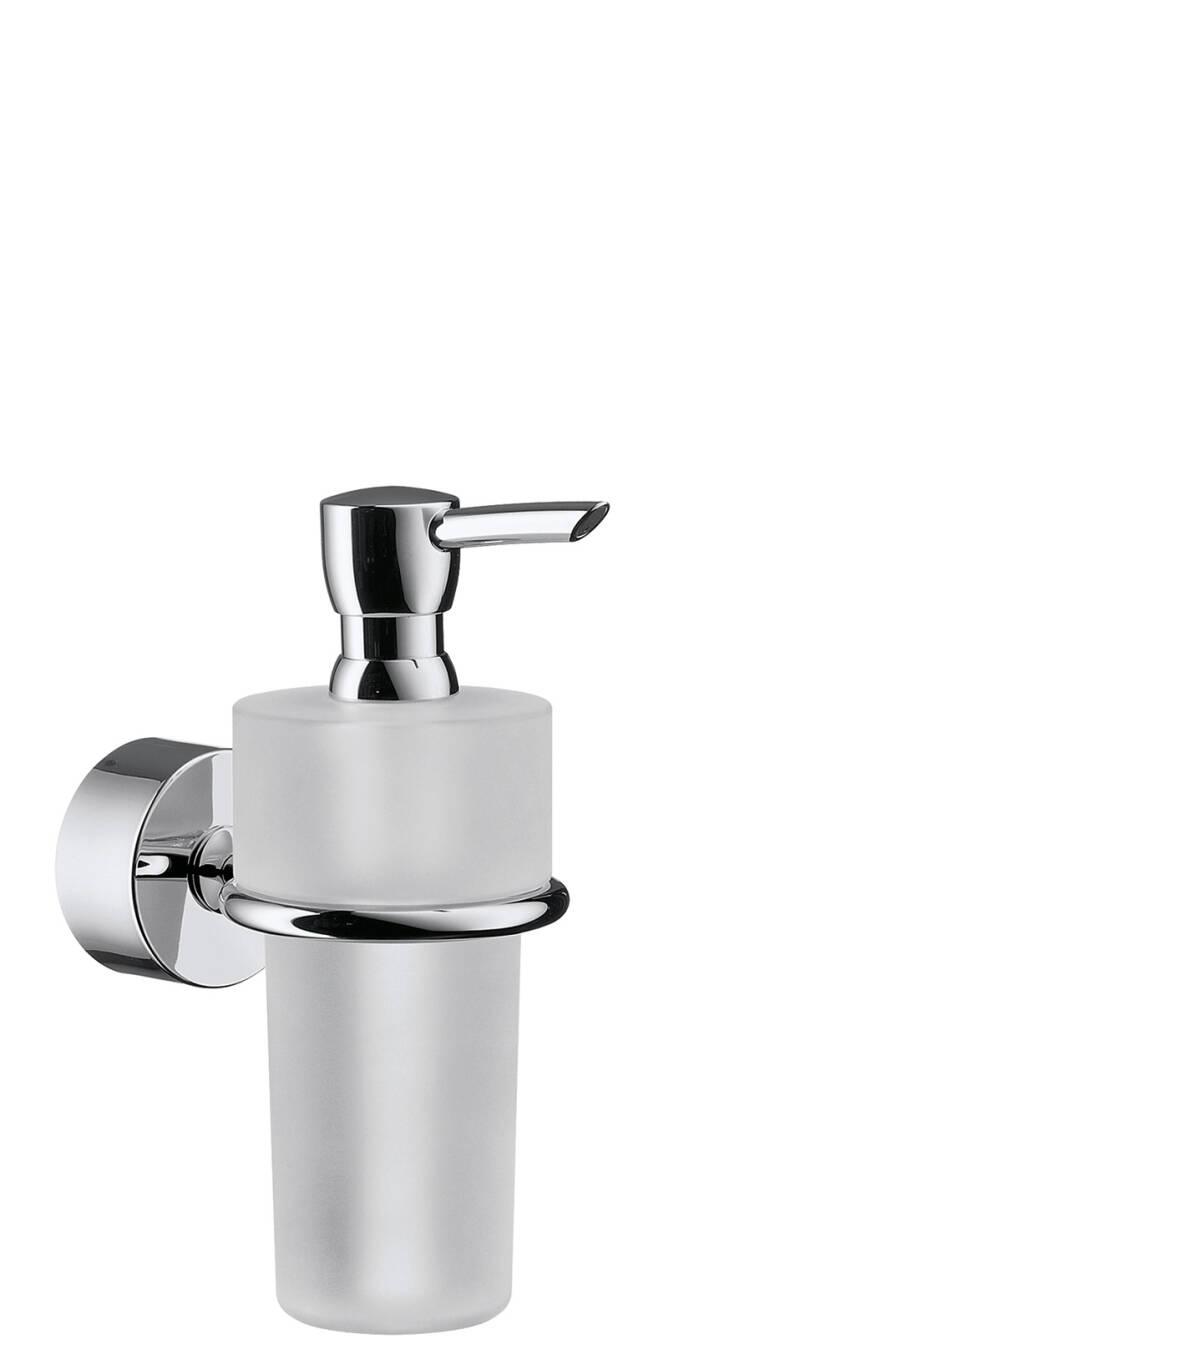 Dosificador de jabón líquido, níquel pulido, 41519830